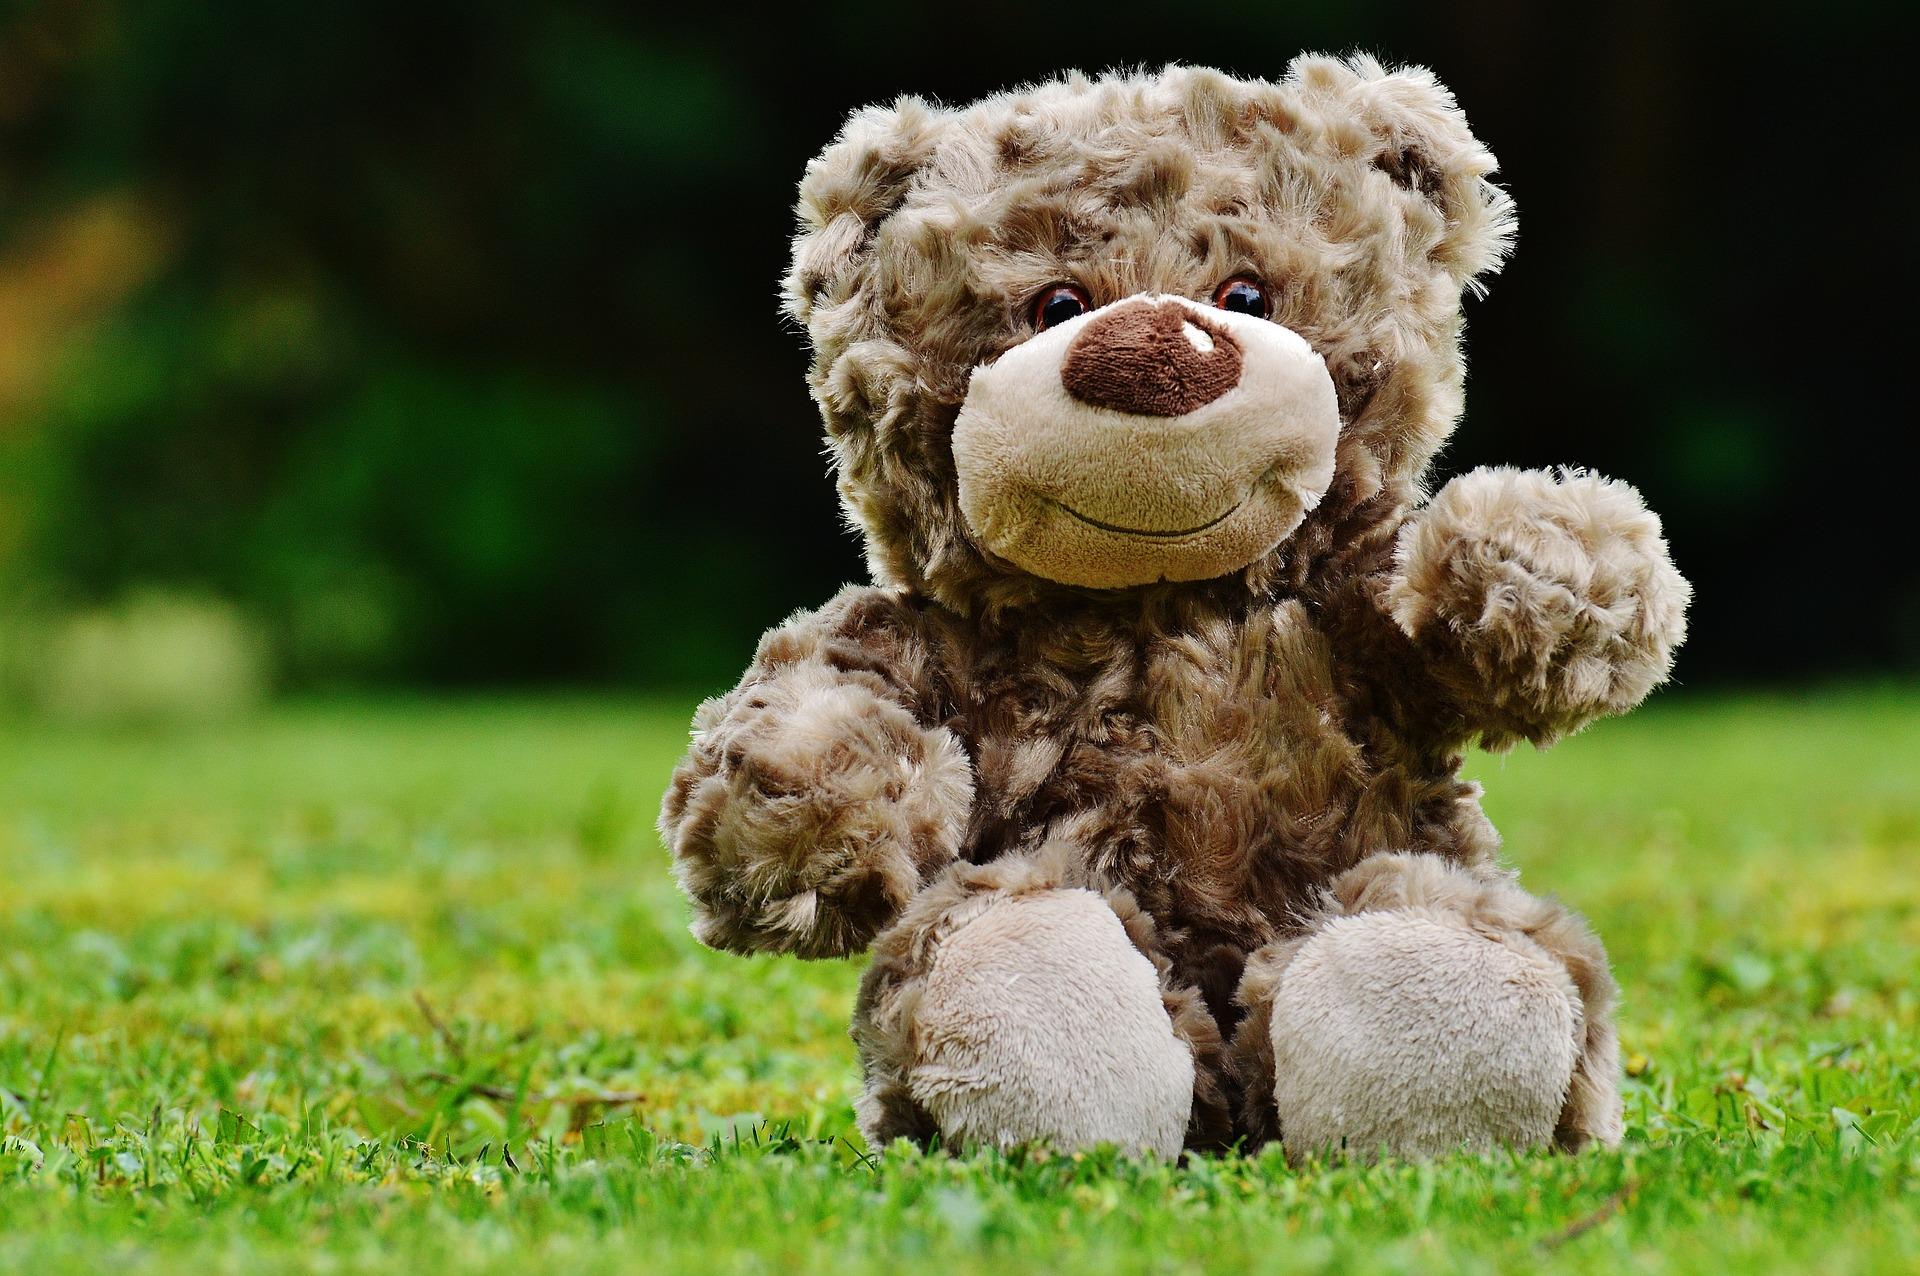 くまの可愛い人形と芝生